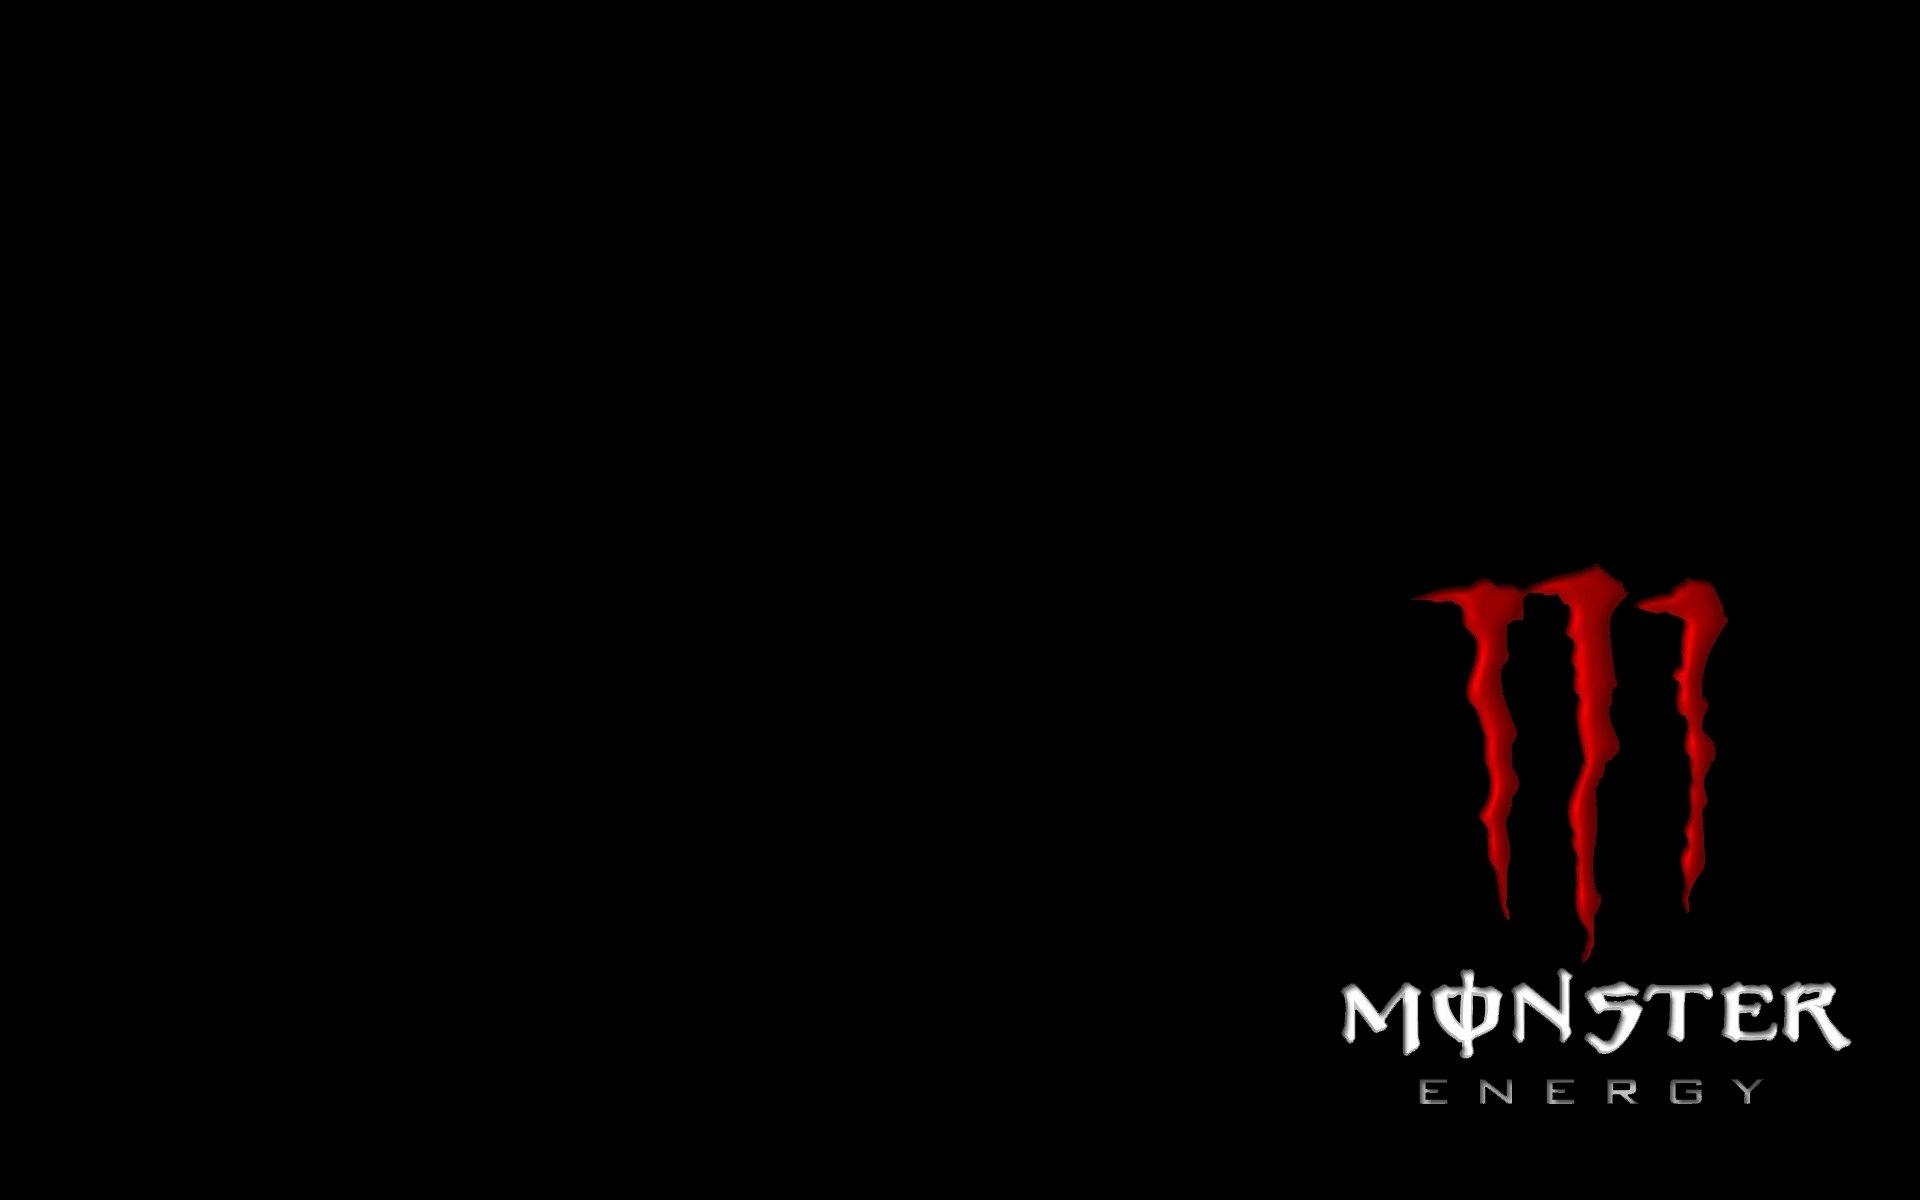 monster energy logo wallpaper image wallpaper | wallpaperlepi